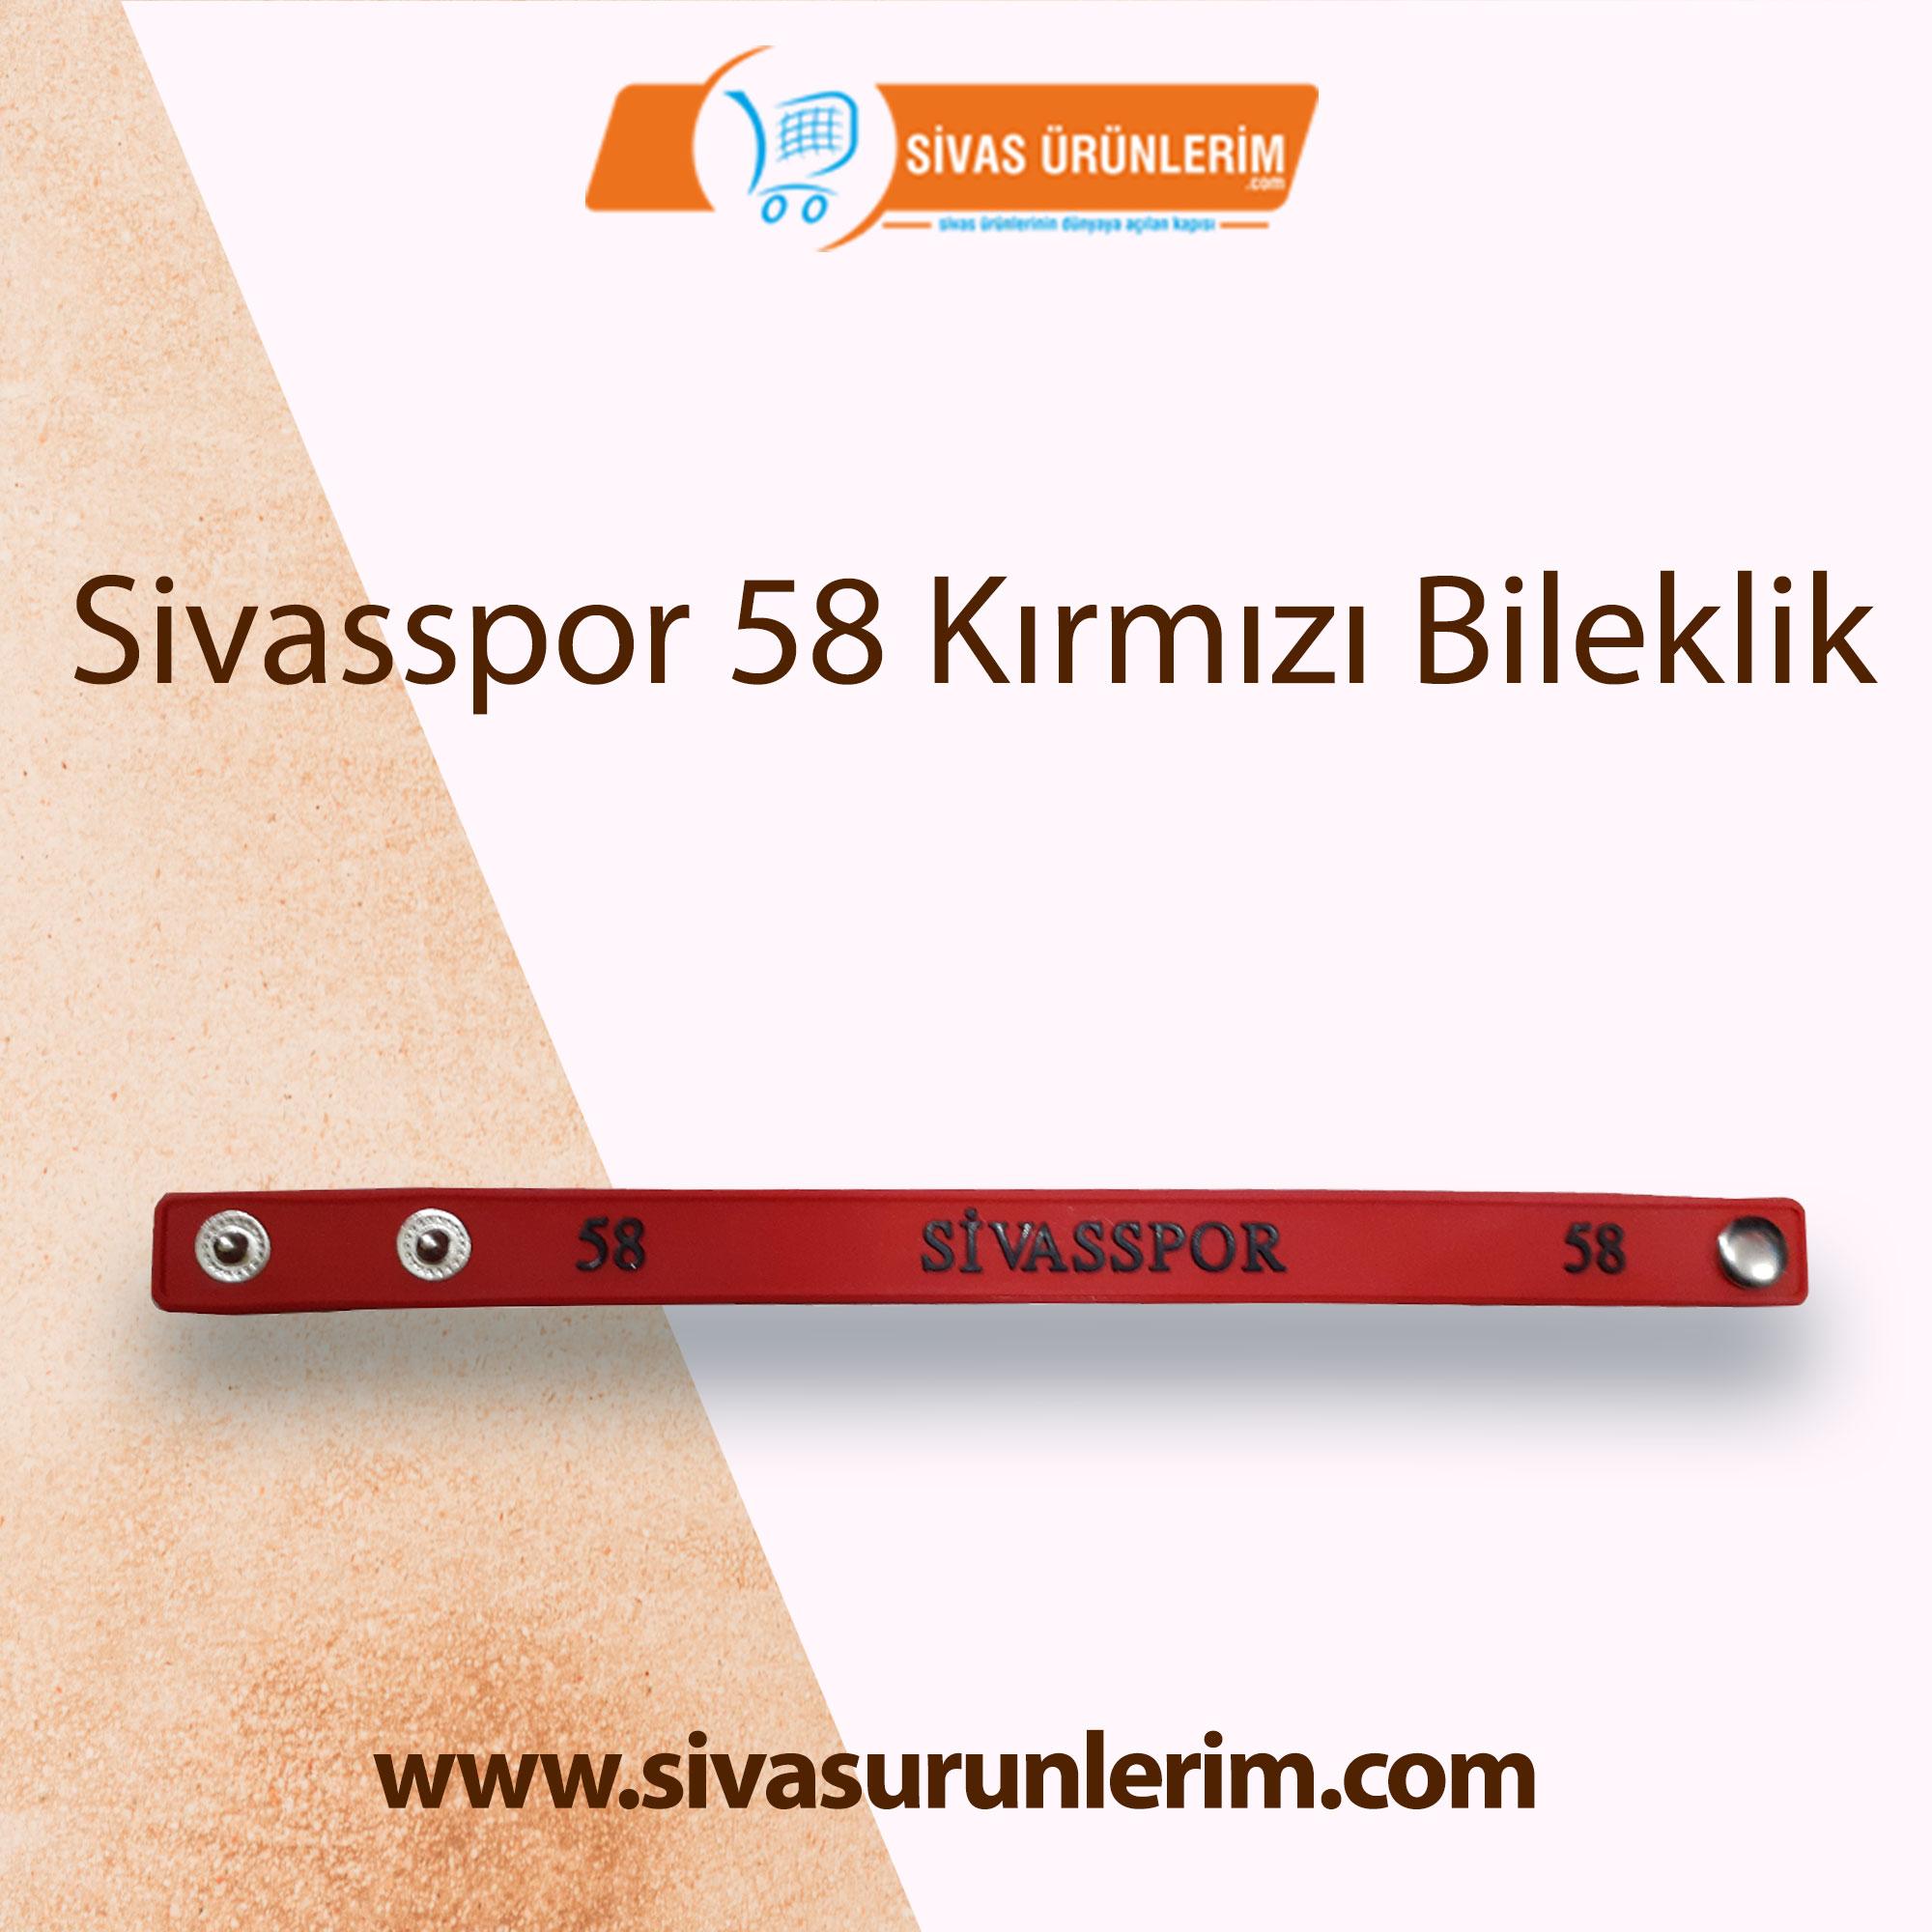 Sivasspor 58 Kırmızı Bileklik